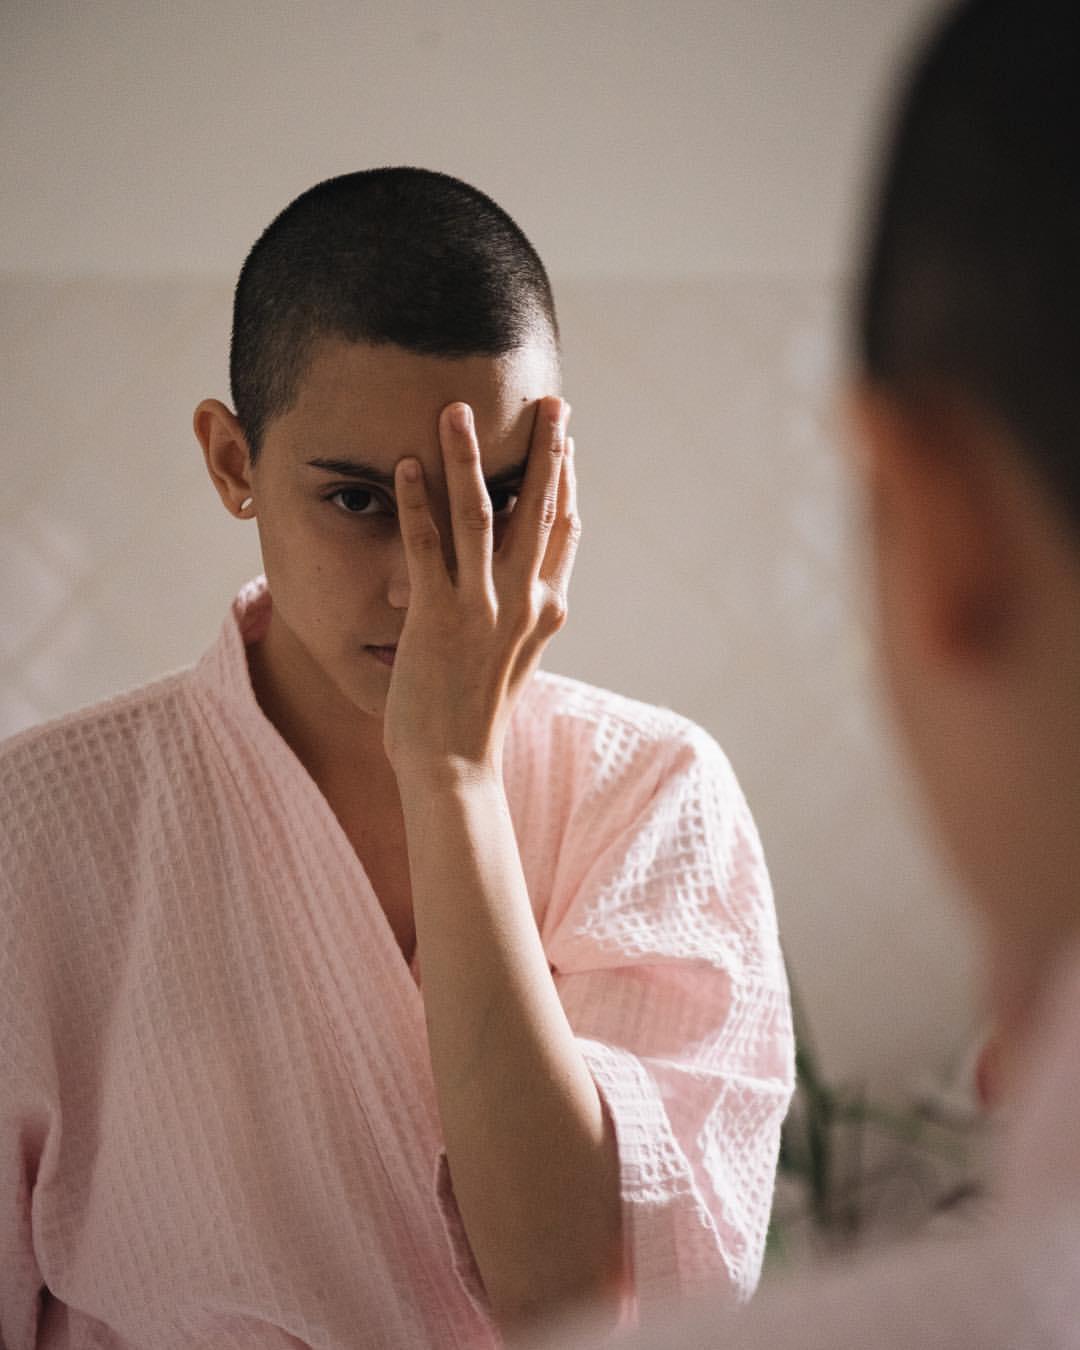 Dân mạng lùng sục profile đối thủ Nanno ở Girl From Nowhere: Bông hồng lai lạc quan vượt qua bạo bệnh - Ảnh 13.